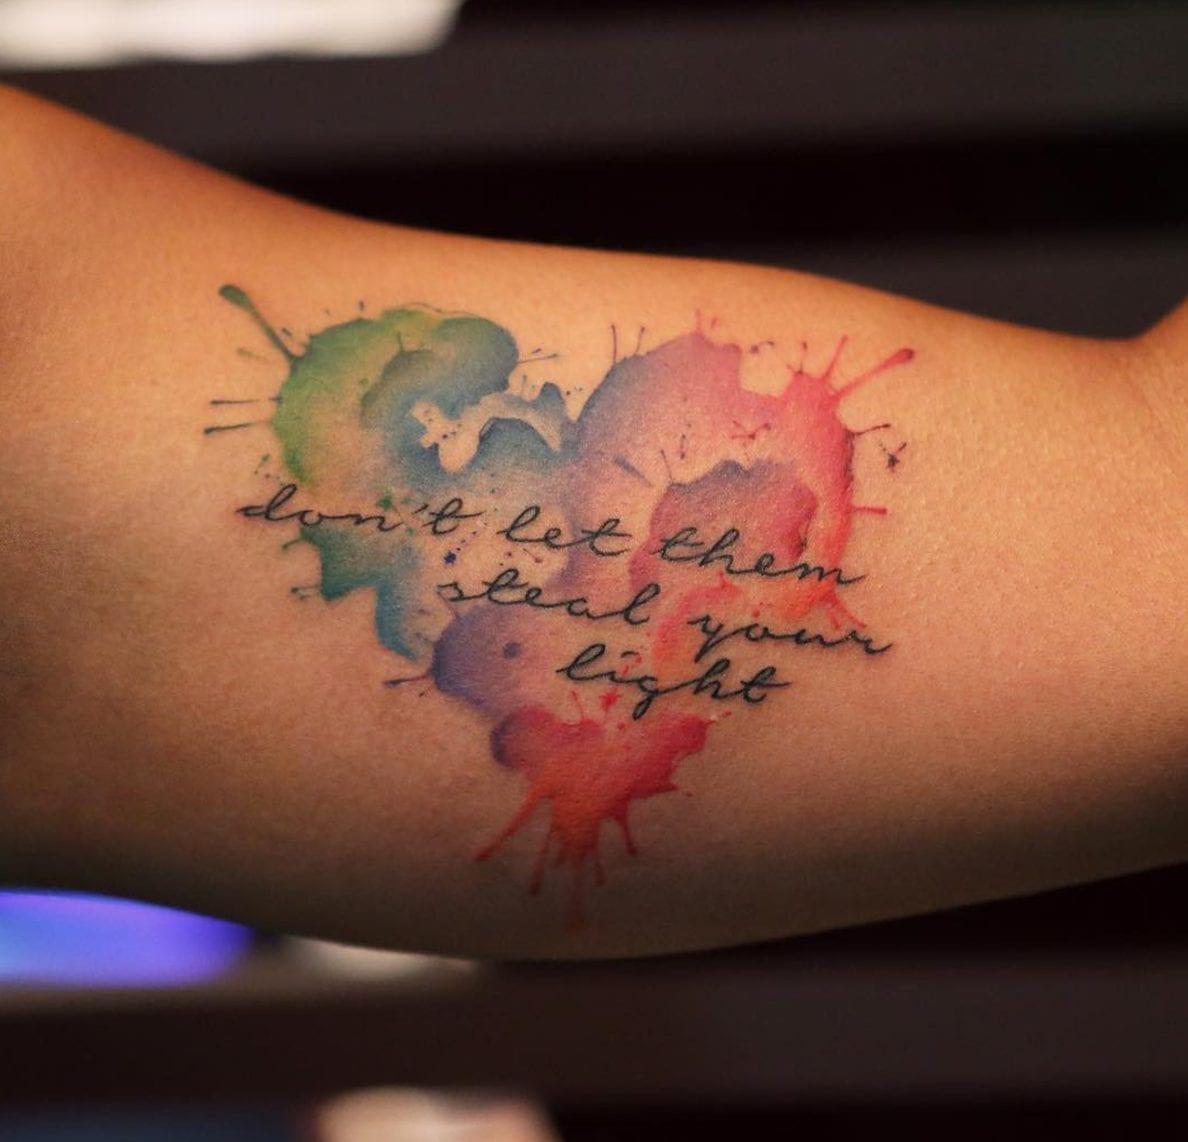 Tatuagem de coração - significados, desenhos mais usados + 35 inspirações